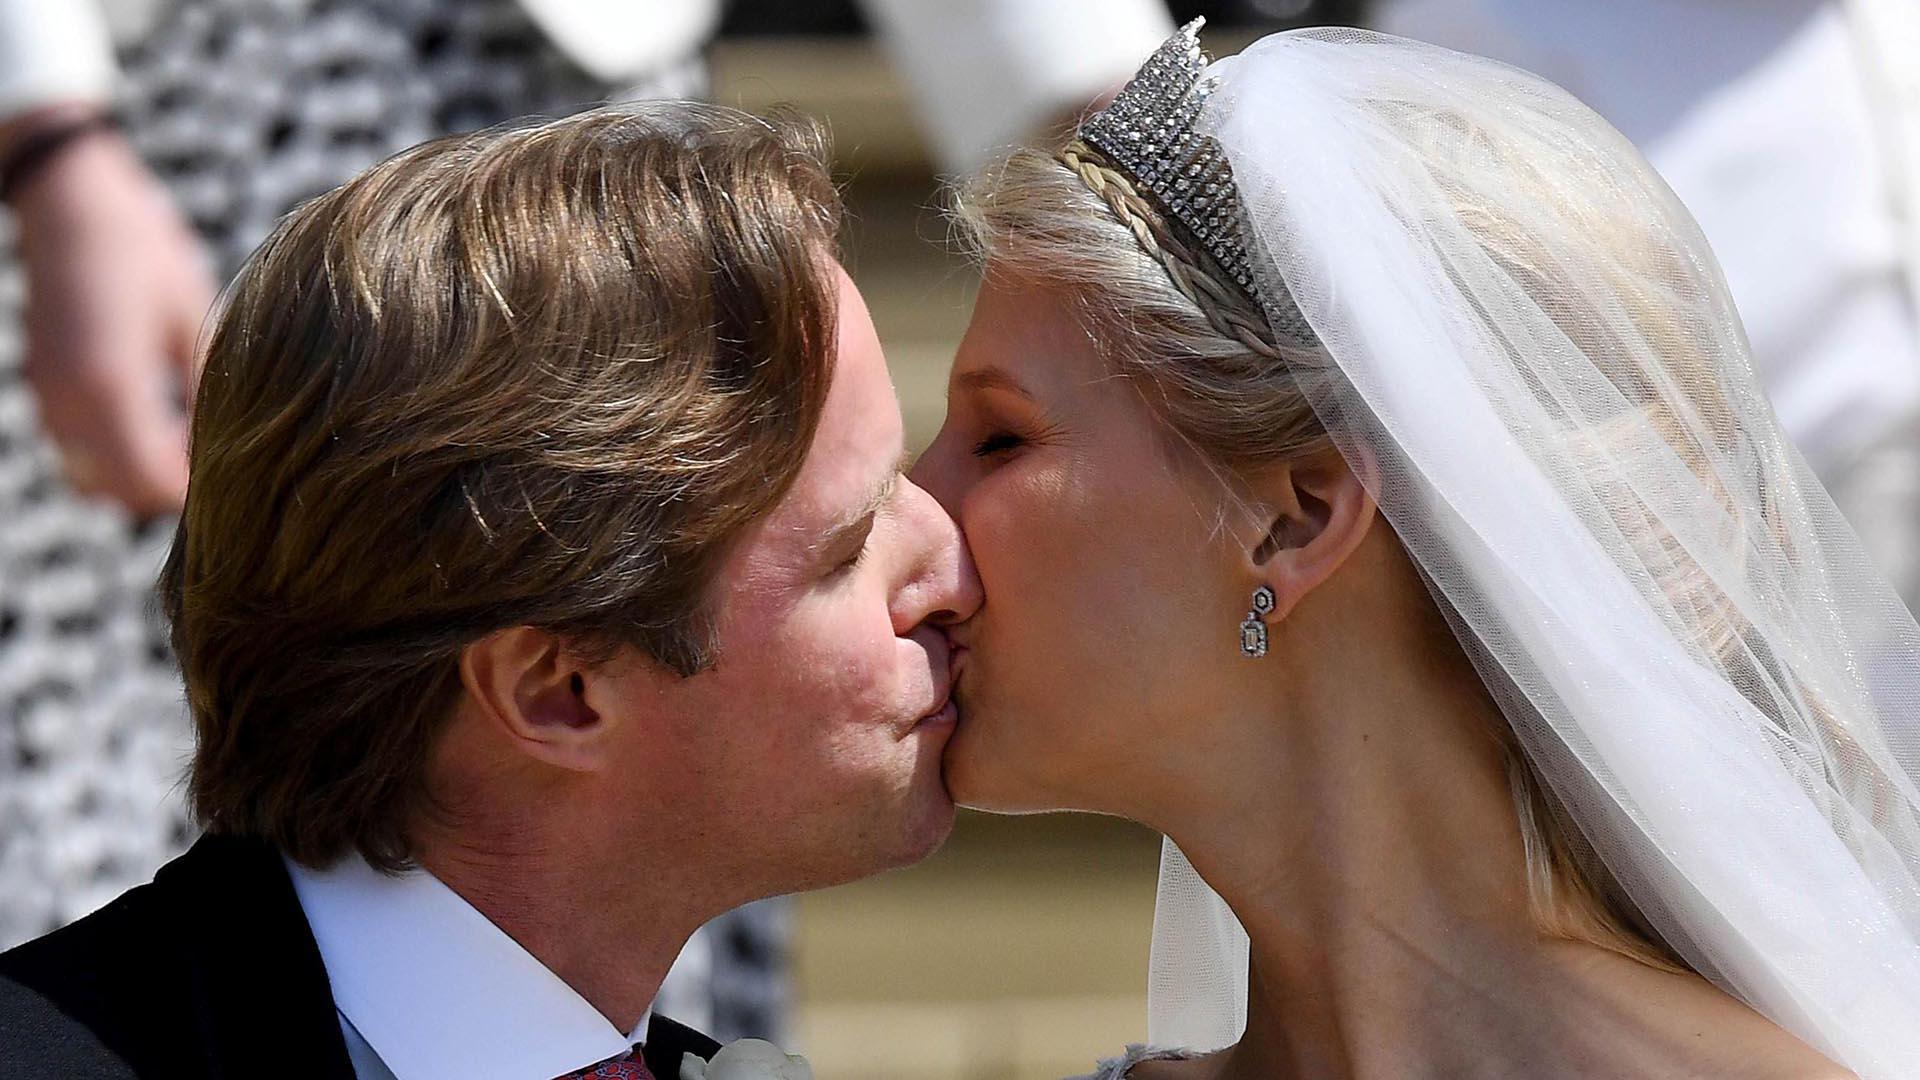 Los novios sellaron su amor con un beso a la salida del servicio religioso. La fiesta se llevó a cabo en Frogmore House